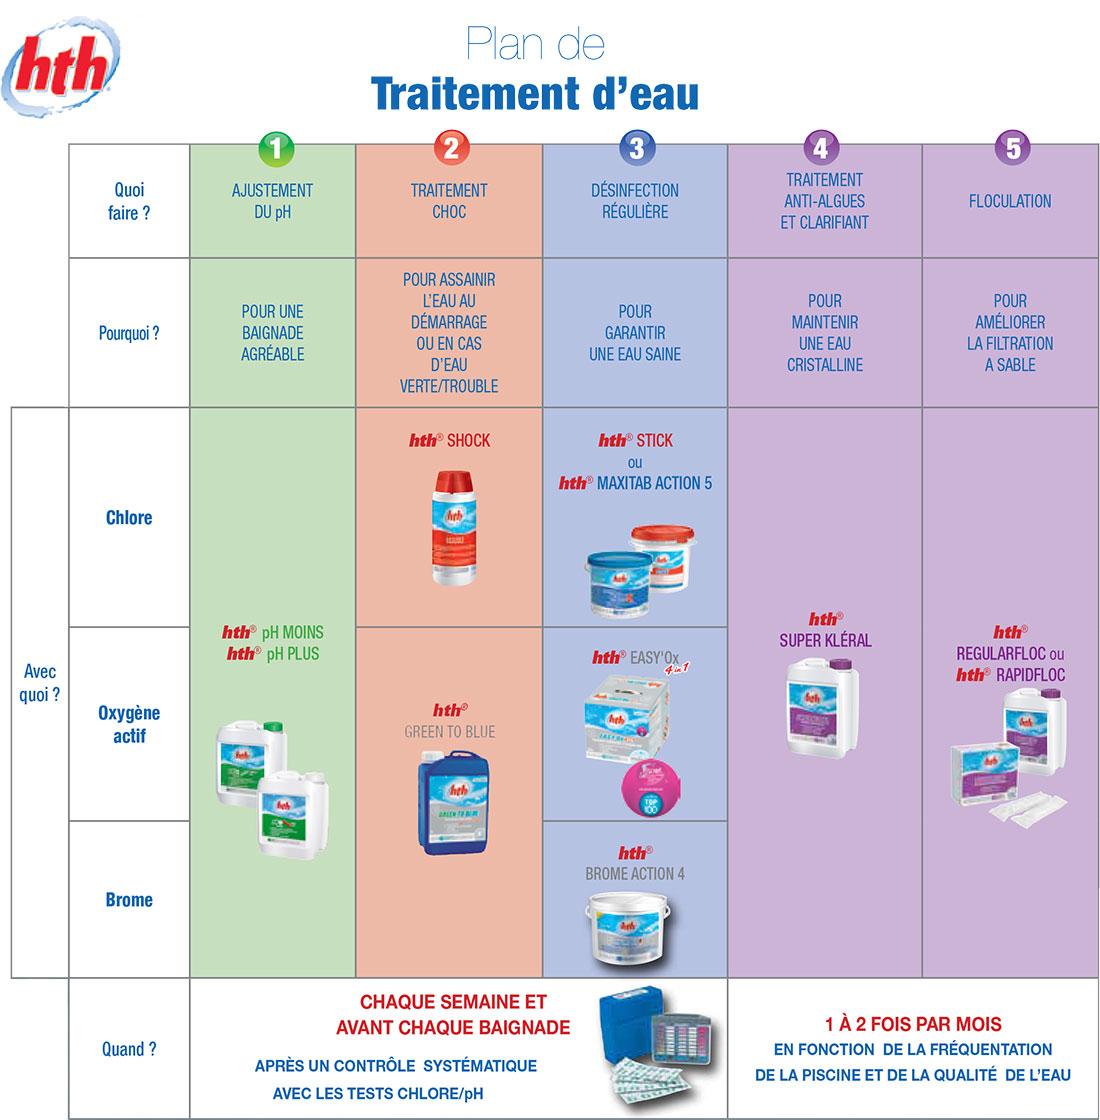 Guide De Traitement De L'eau tout Produit Piscine Hth